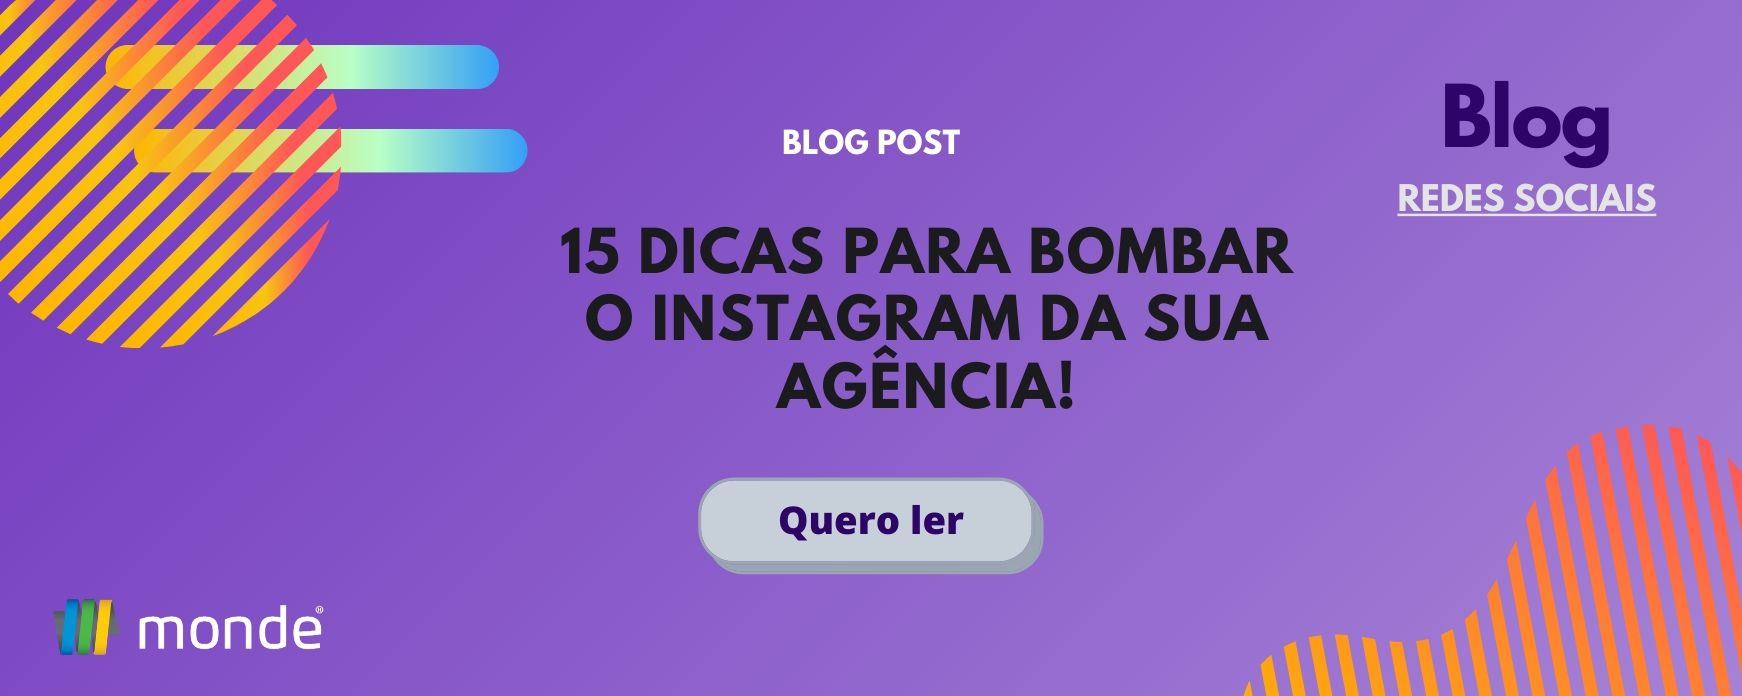 15 dicas pra bombar nas redes sociais